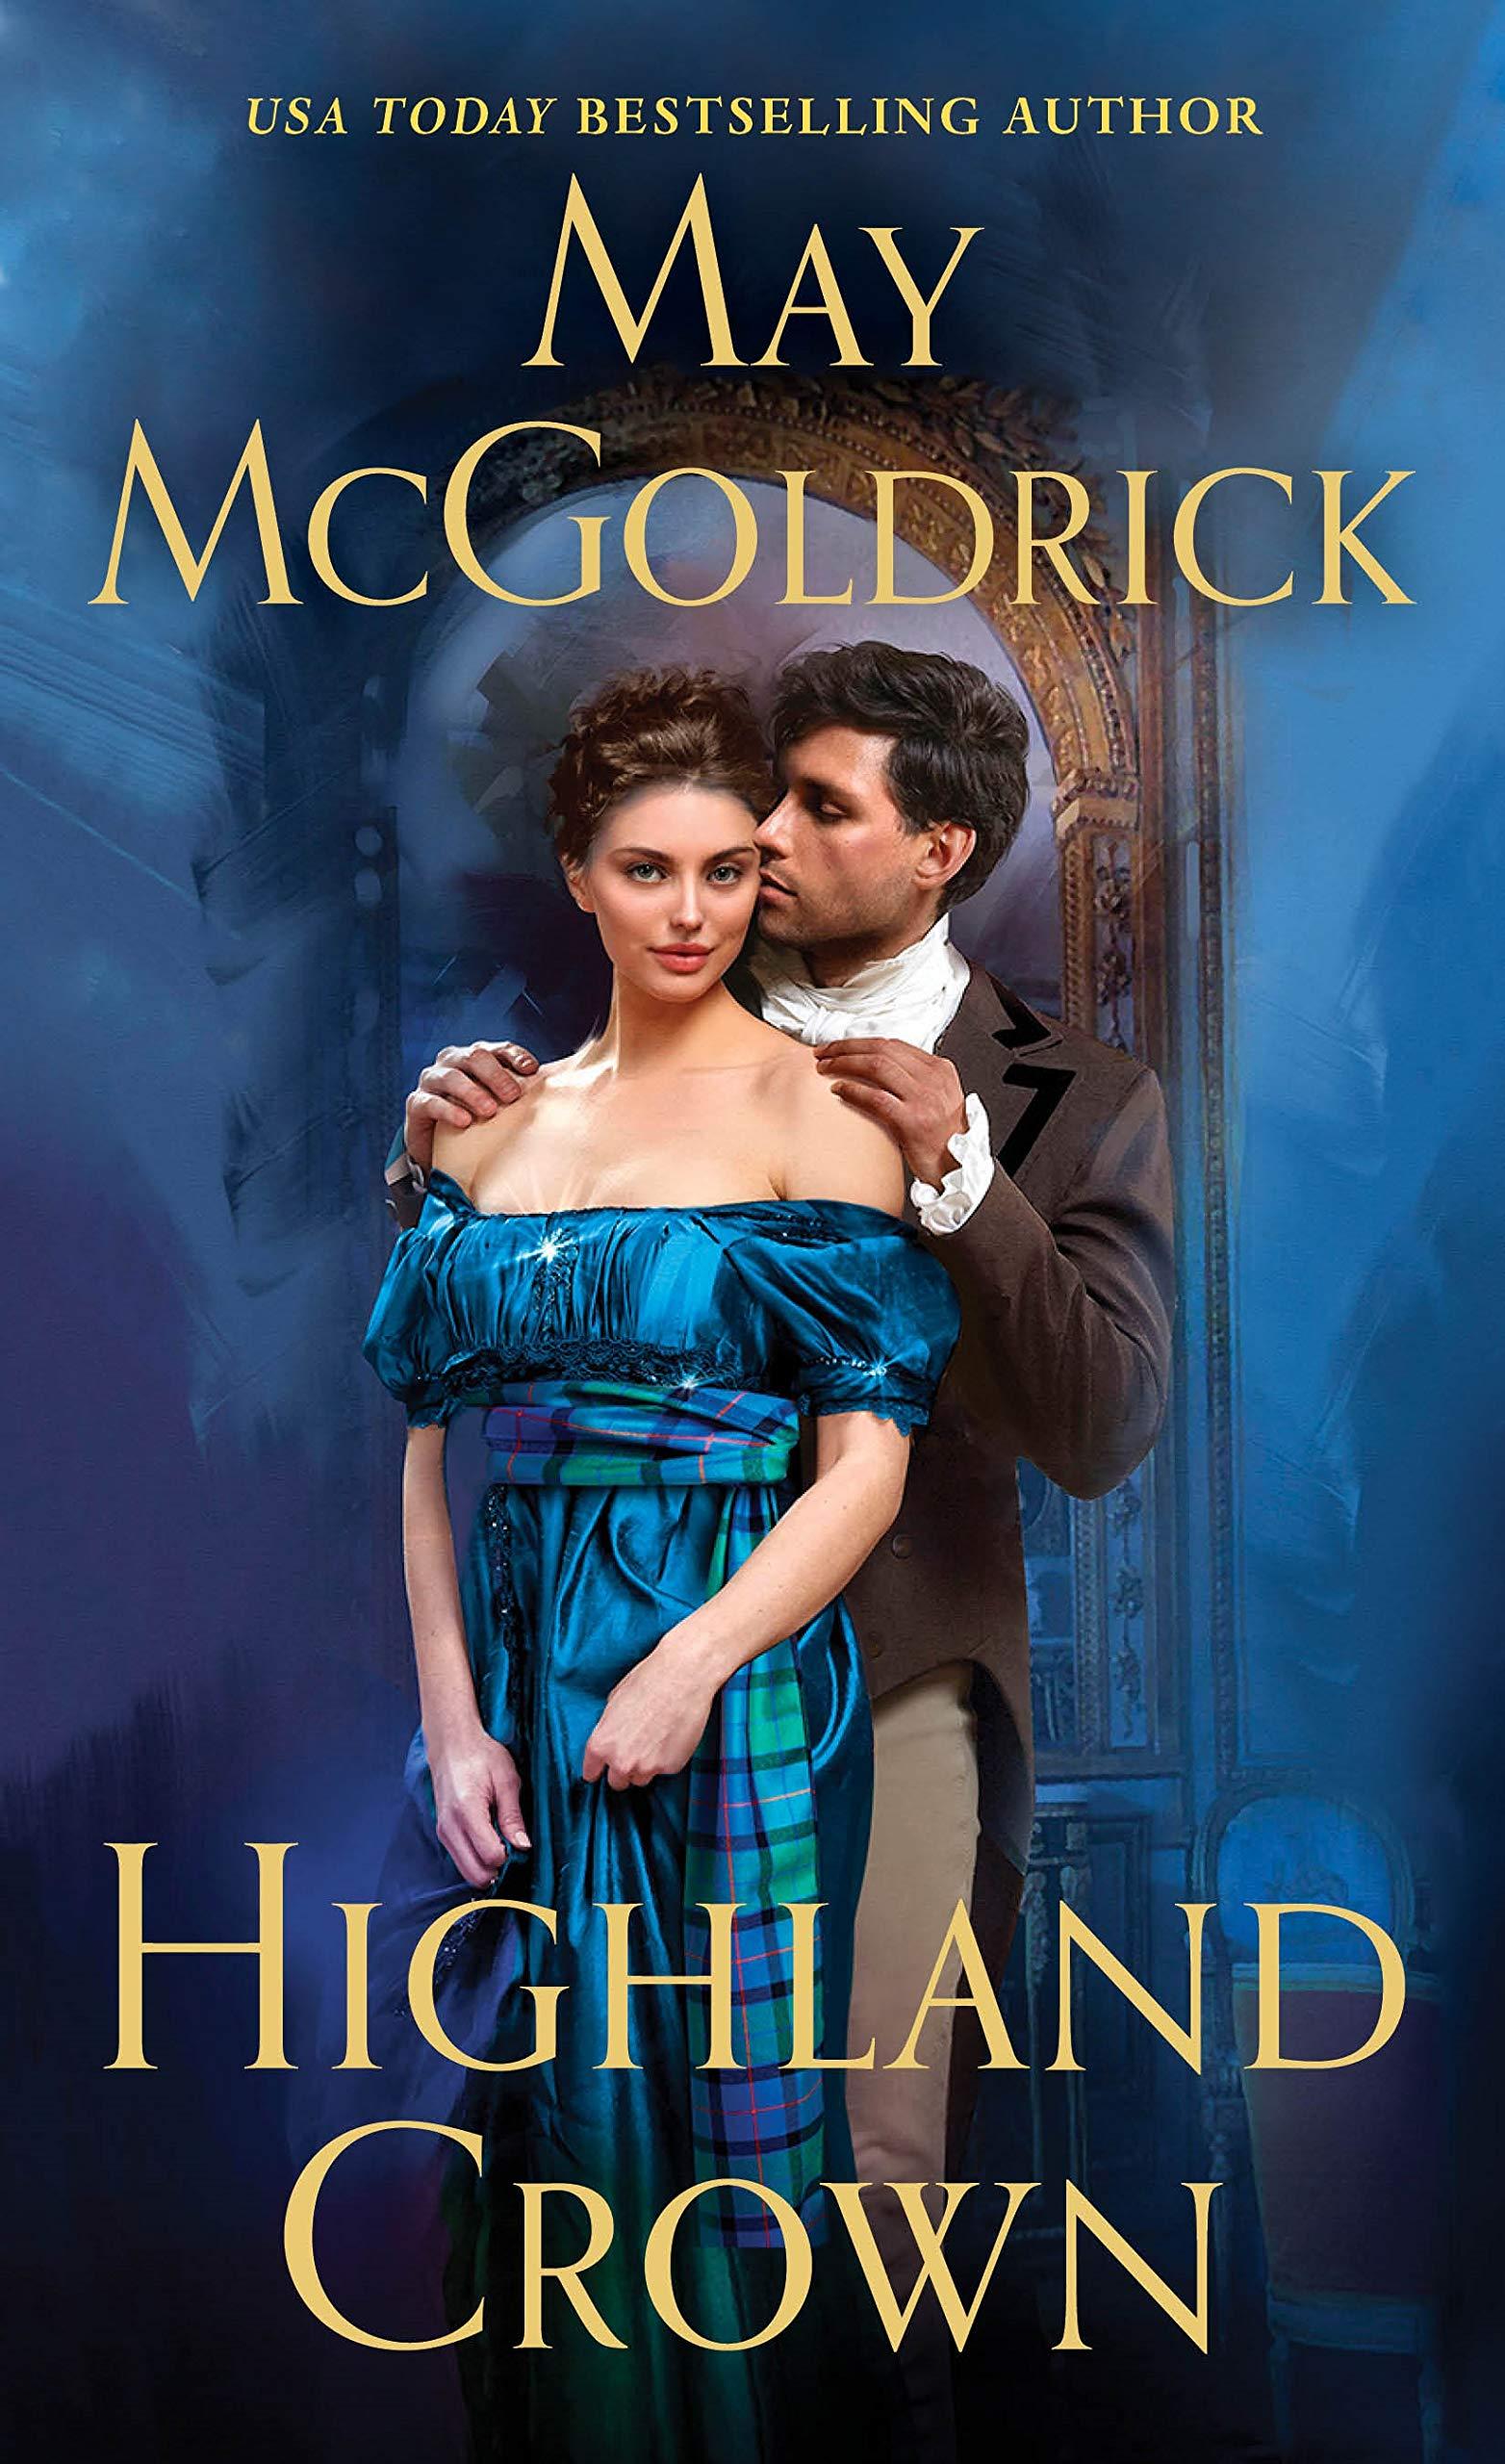 Highland Crown (Royal Highlander): May McGoldrick: 9781250314970